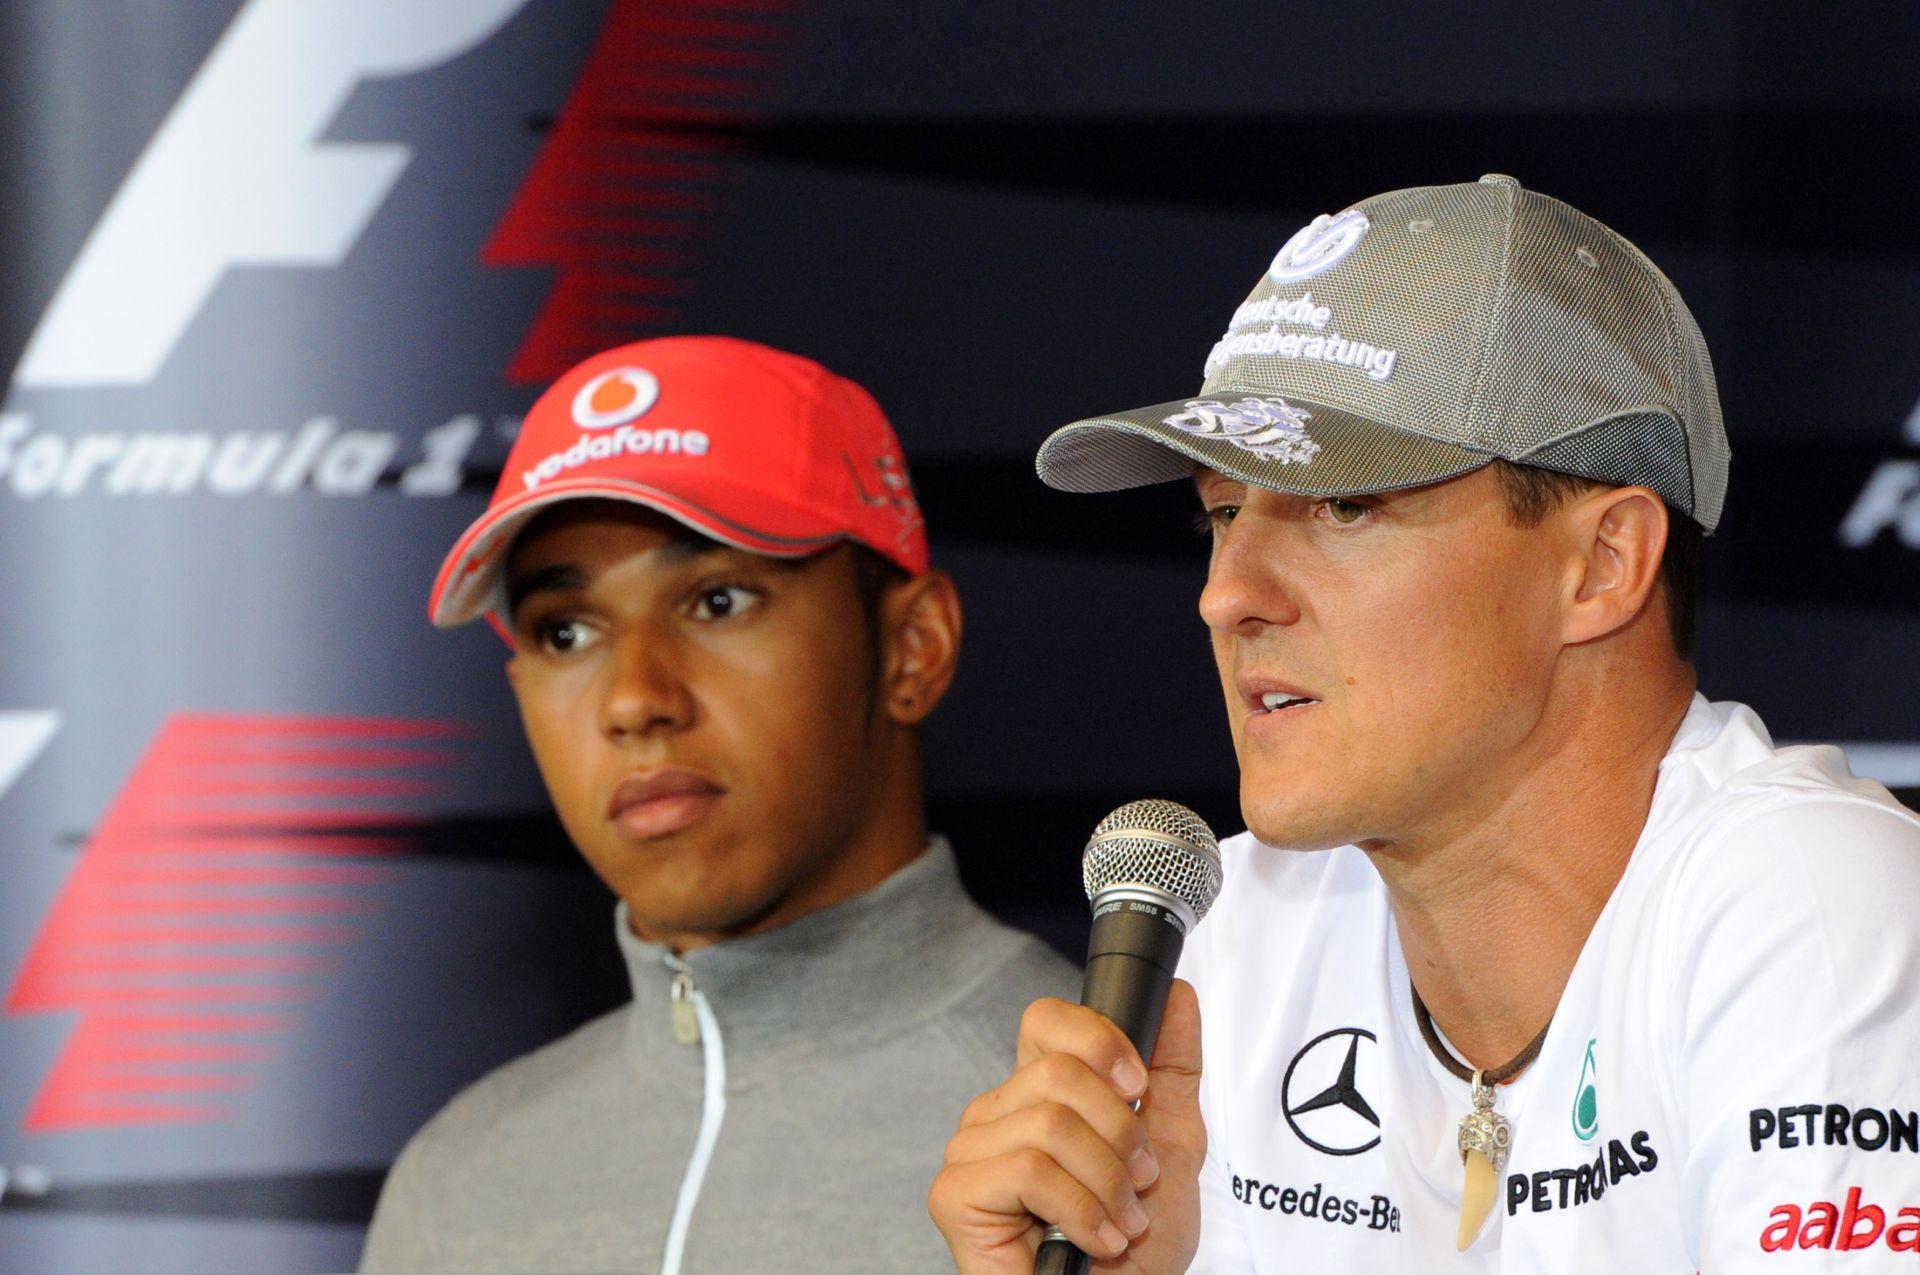 Hamiltonnak most Schumacher miatt kell magyarázkodnia